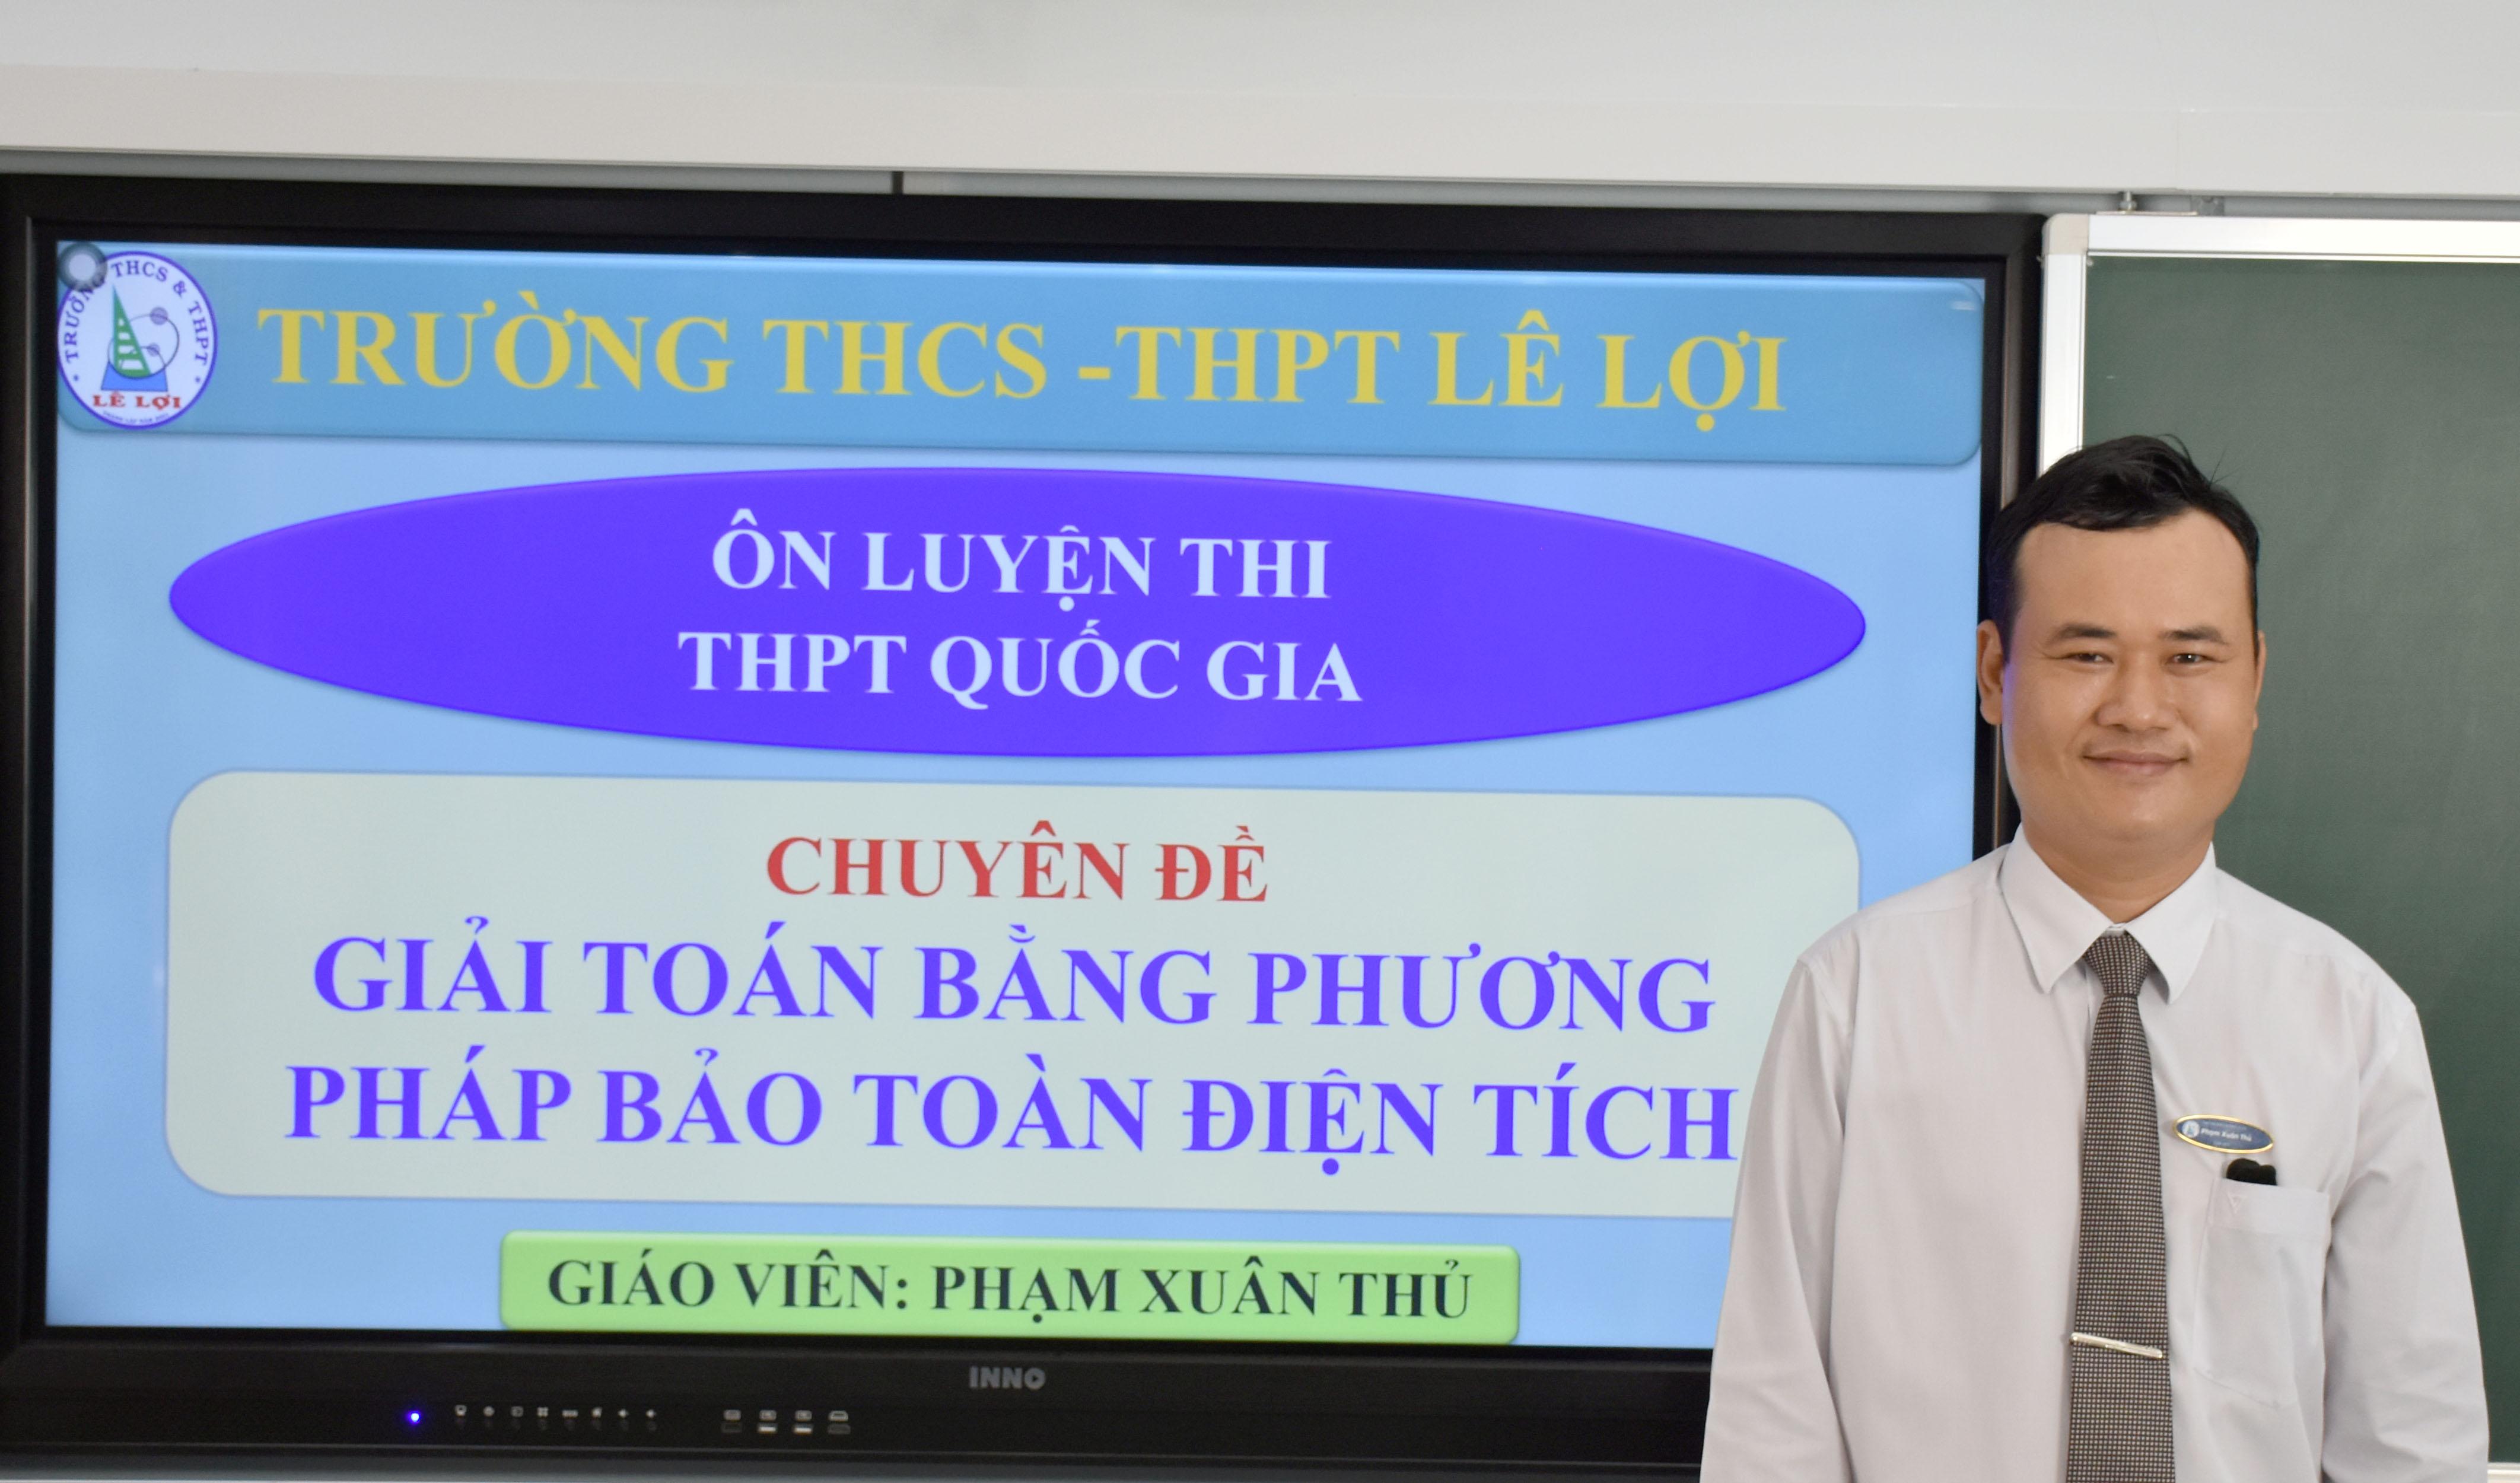 Khối lớp 12 - Giải toán bằng phương pháp bảo toàn điện tích - Thầy Phạm Xuân Thủ